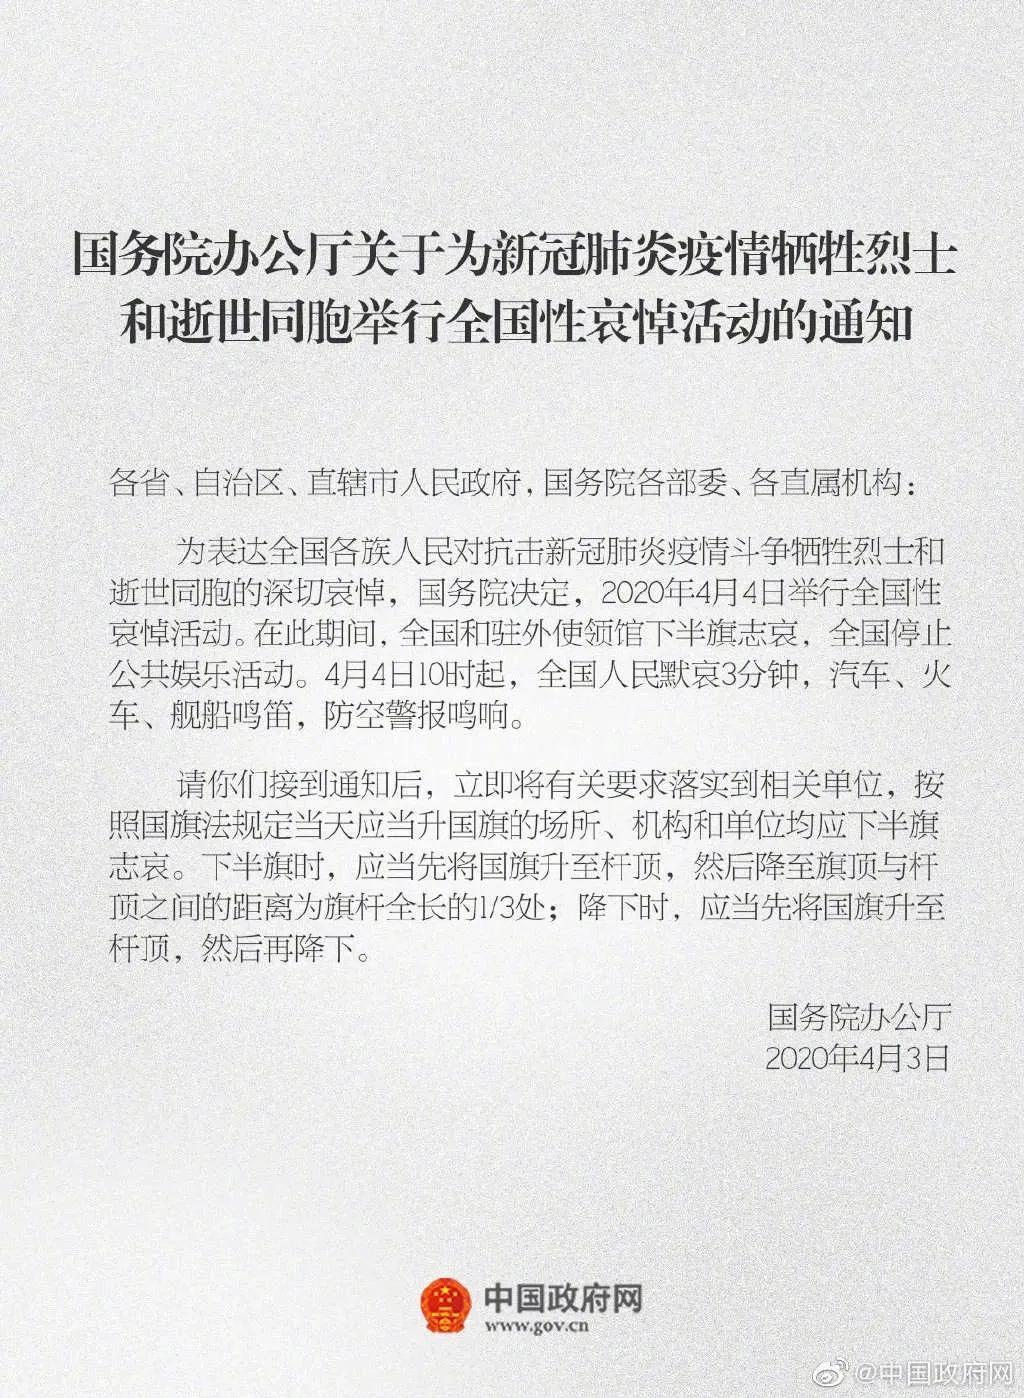 国务院:4月4日举行全国性哀悼活动-90咸鱼网